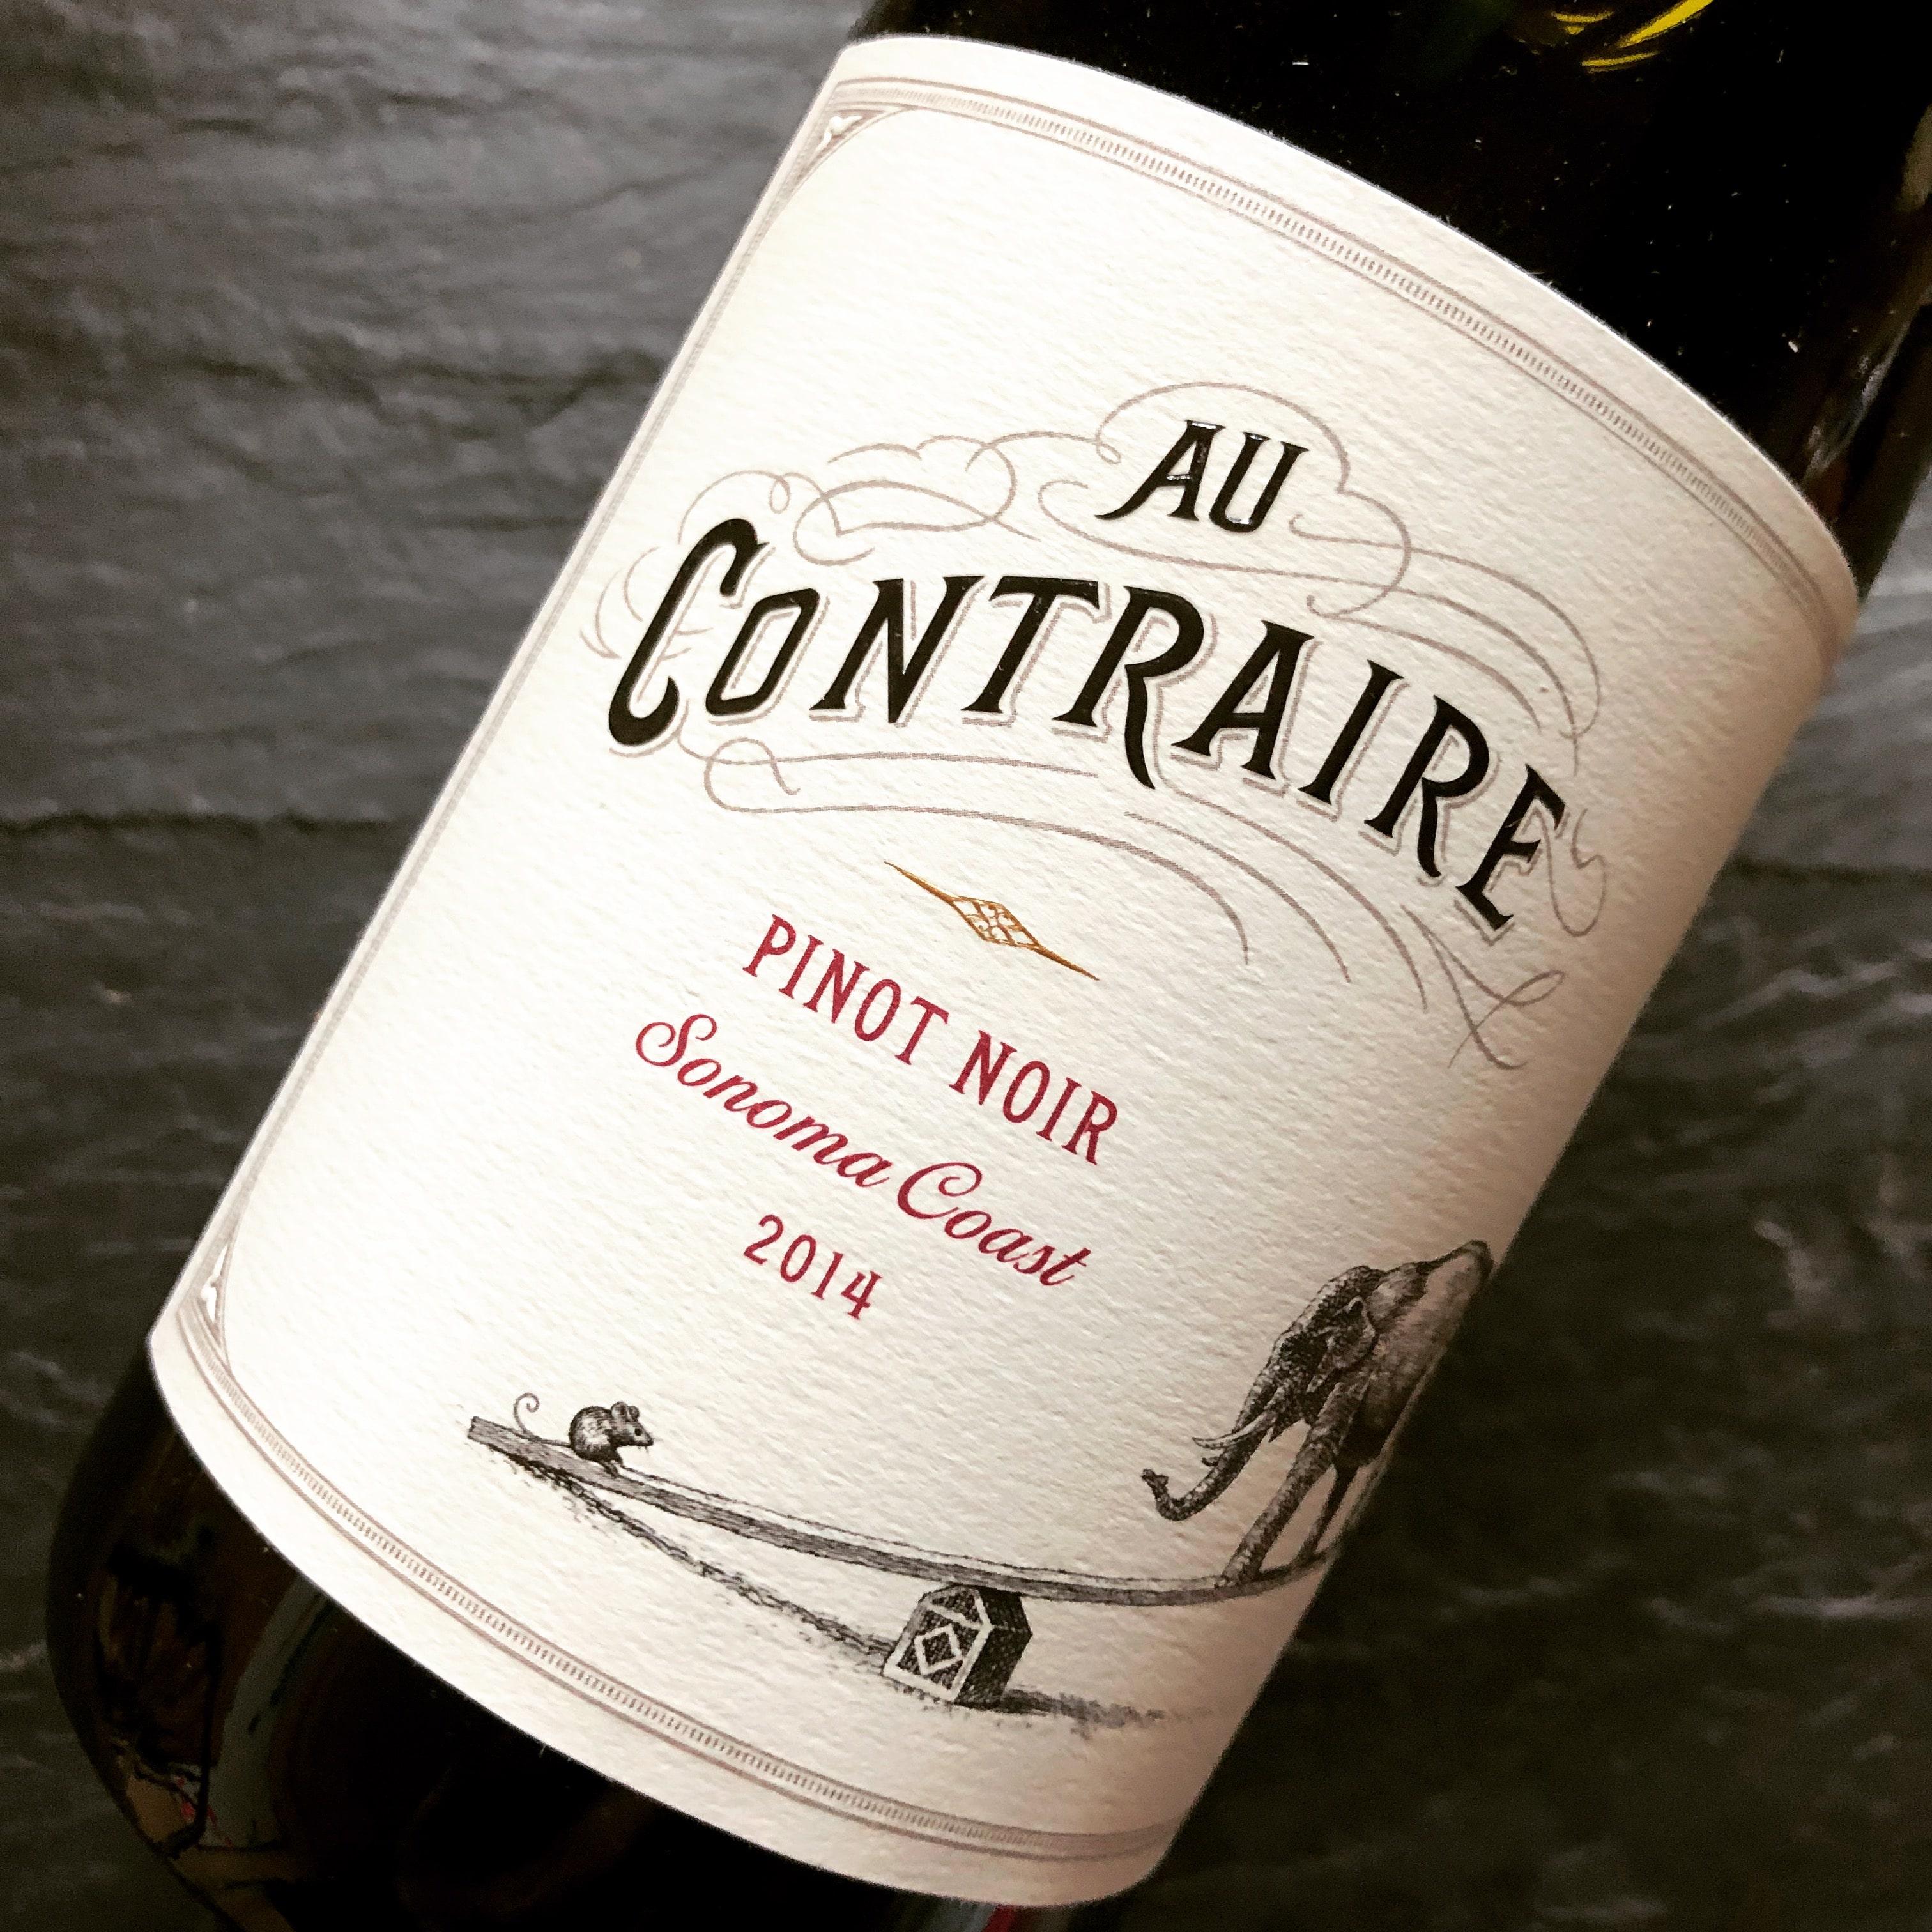 Au Contraire Pinot Noir 2014